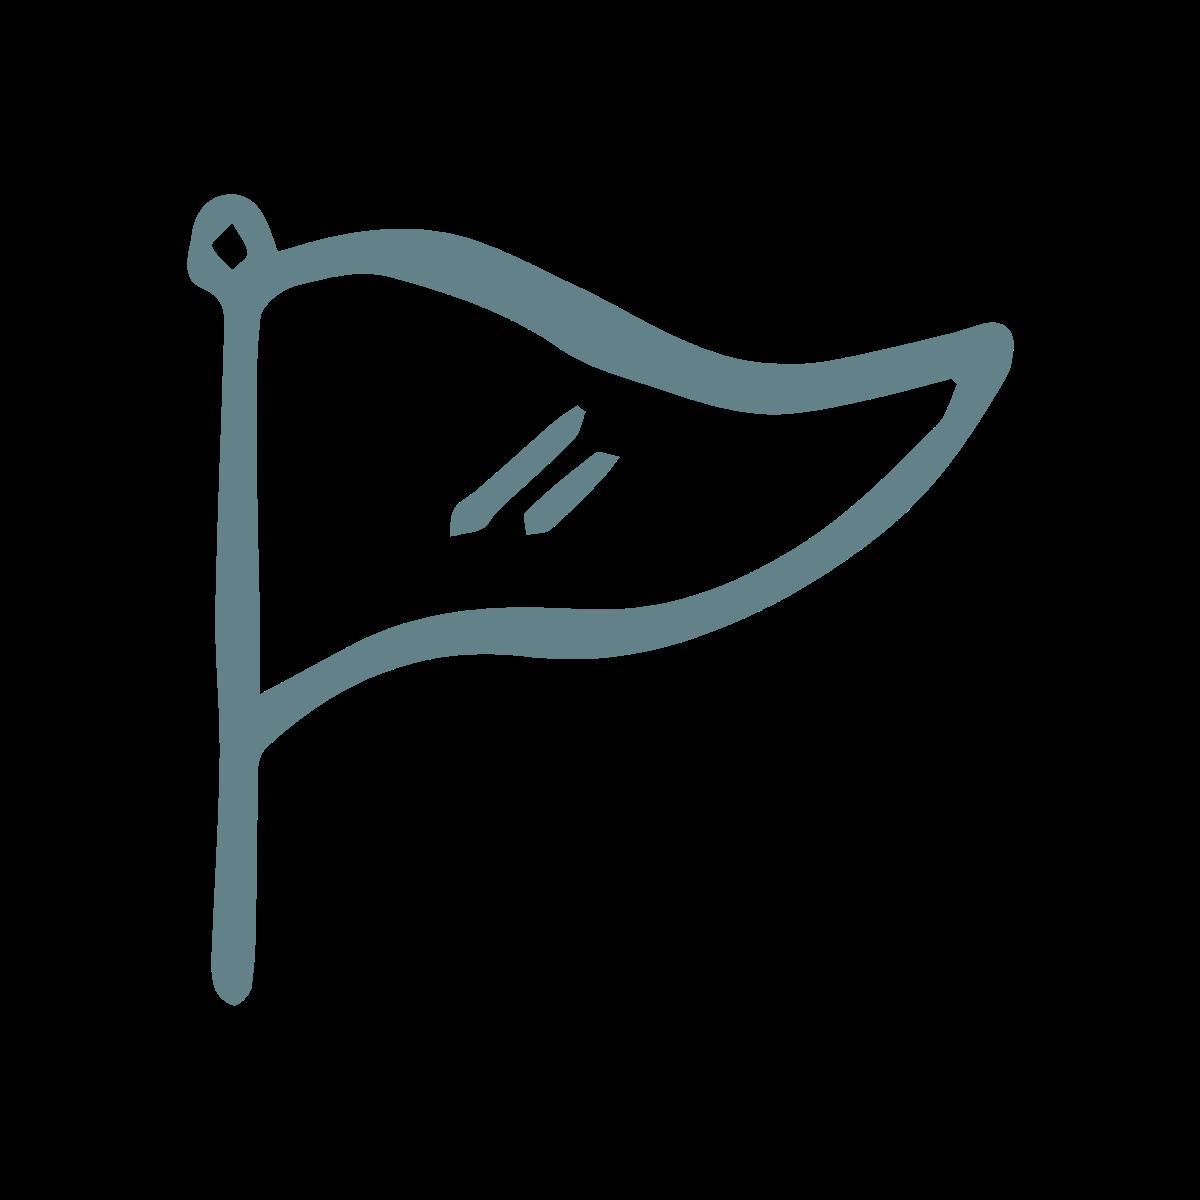 icon-flagpole